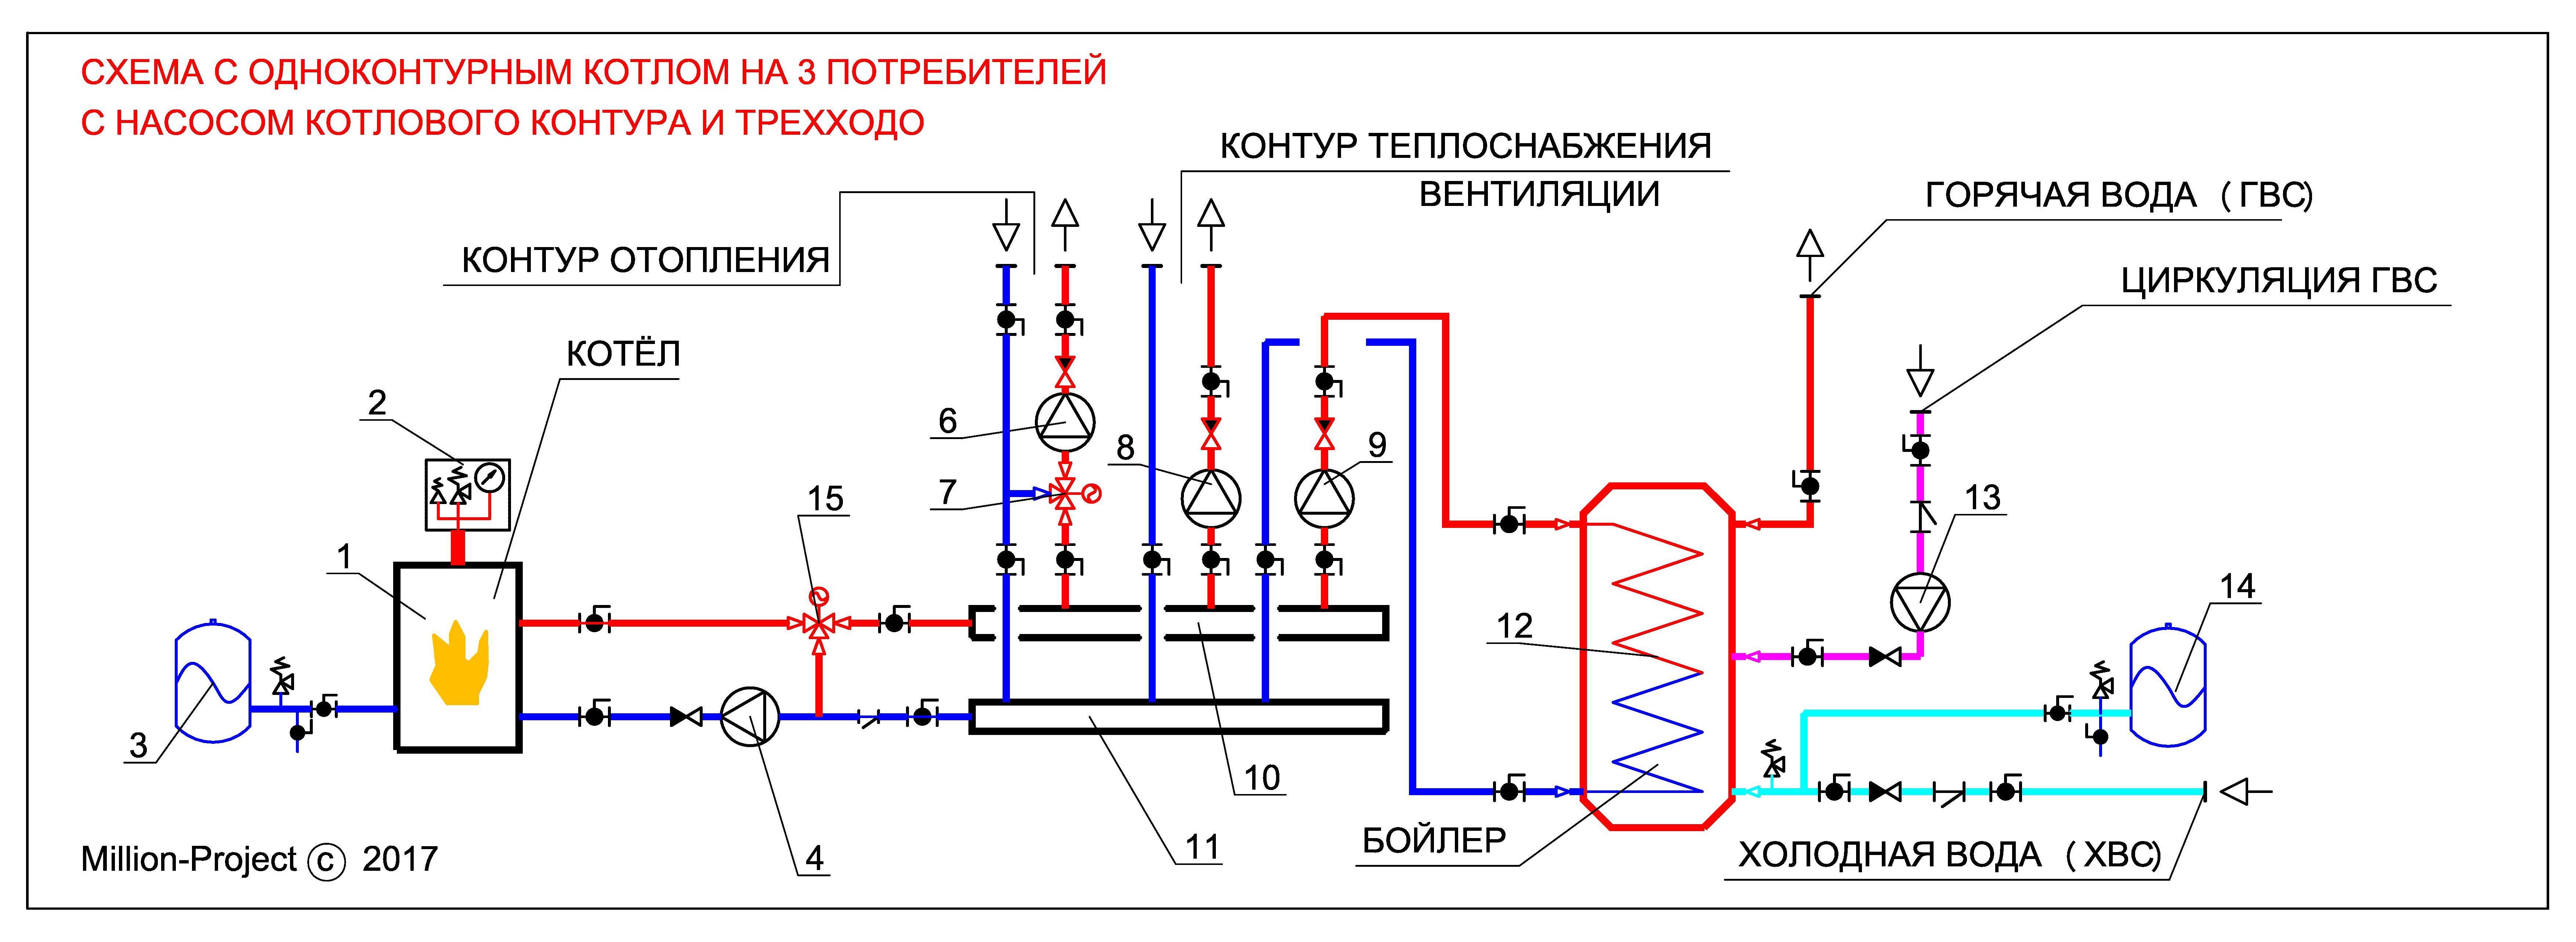 4b441a97b0fe5575984a0febe2132fa524db37ab.jpg (7017×2566)